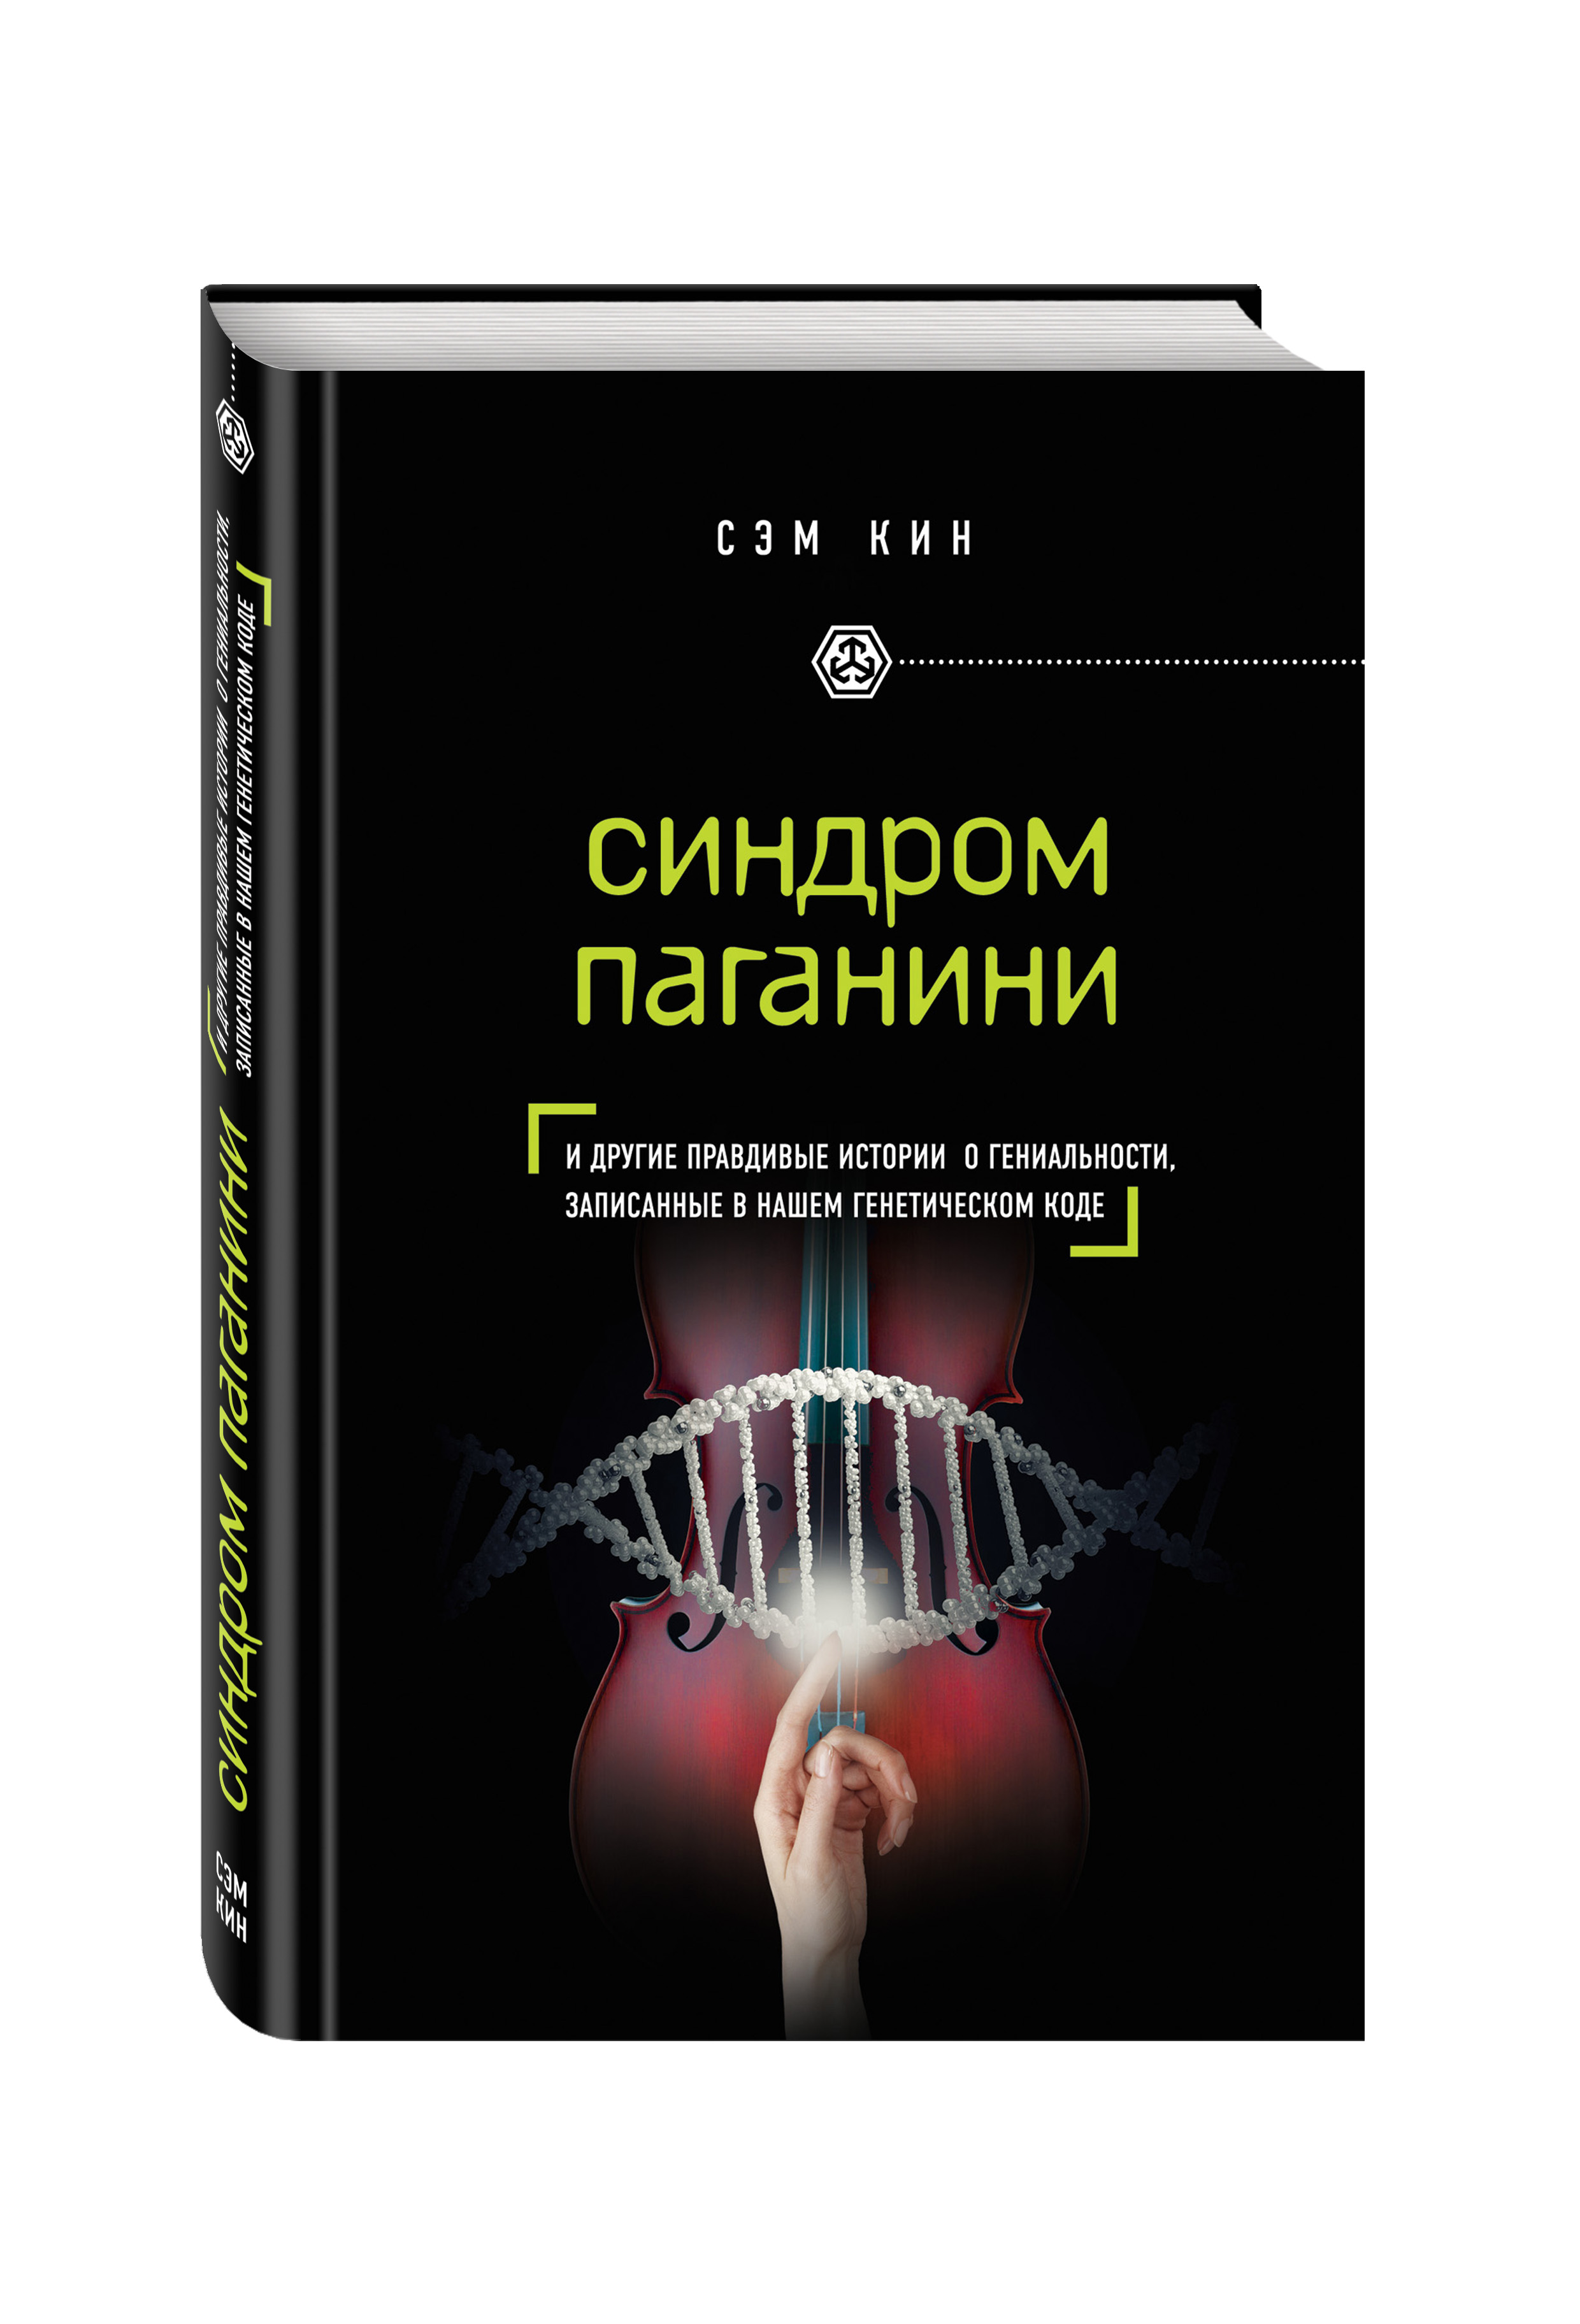 Сэм Кин Синдром Паганини и другие правдивые истории о гениальности, записанные в нашем генетическом коде